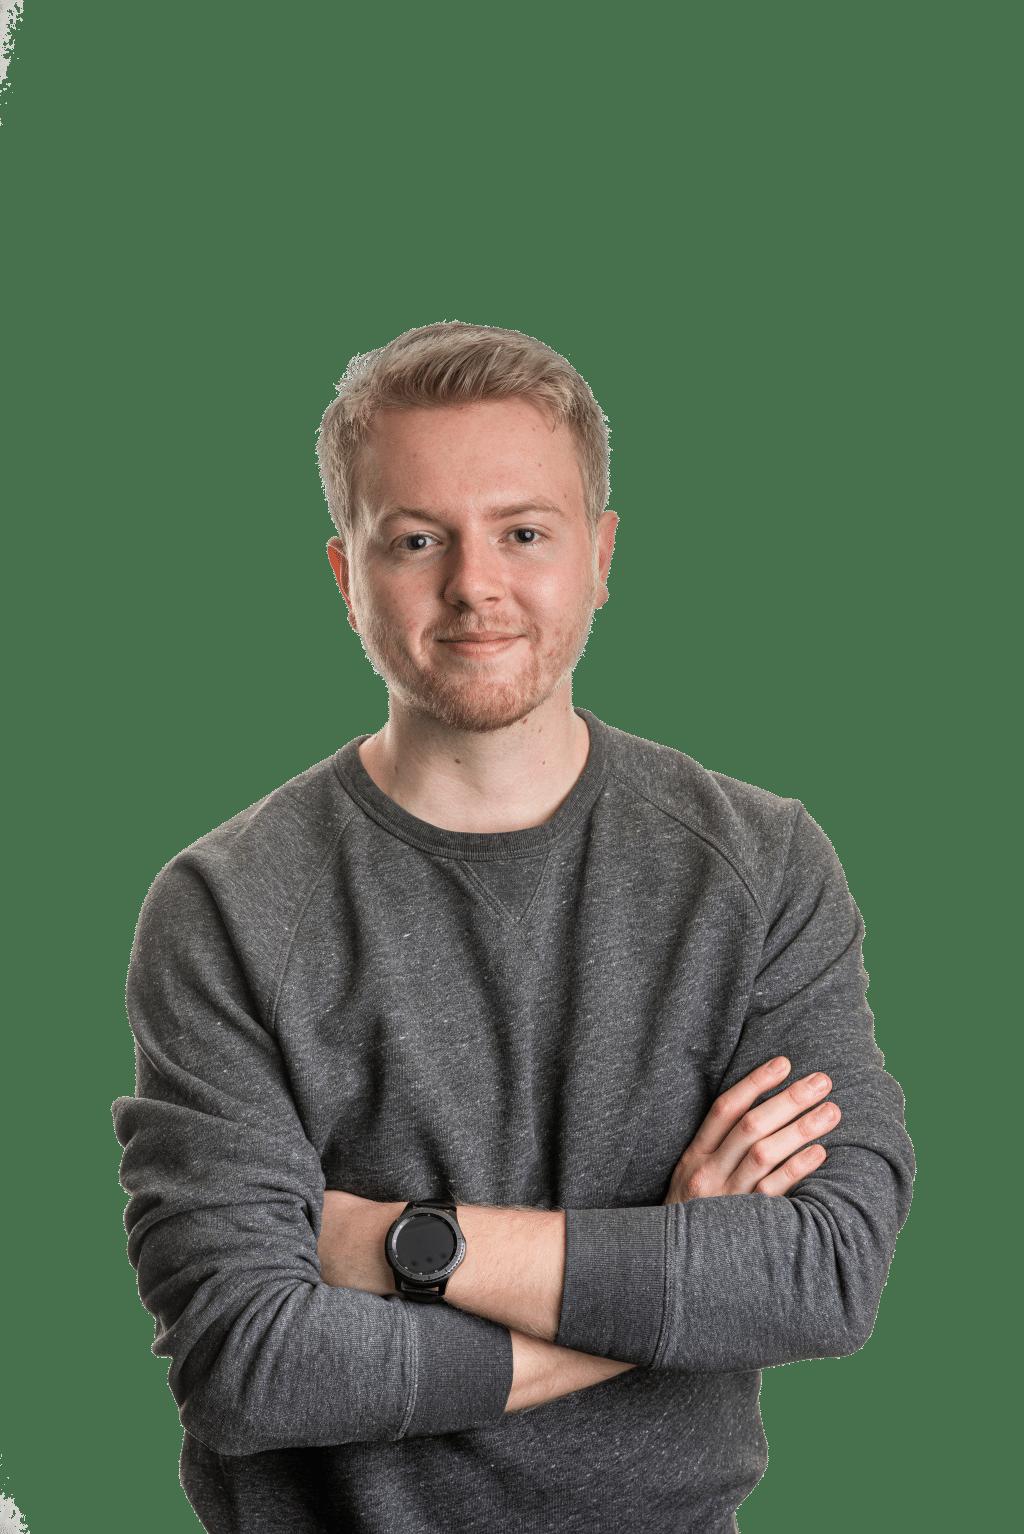 Kasper, Polite media